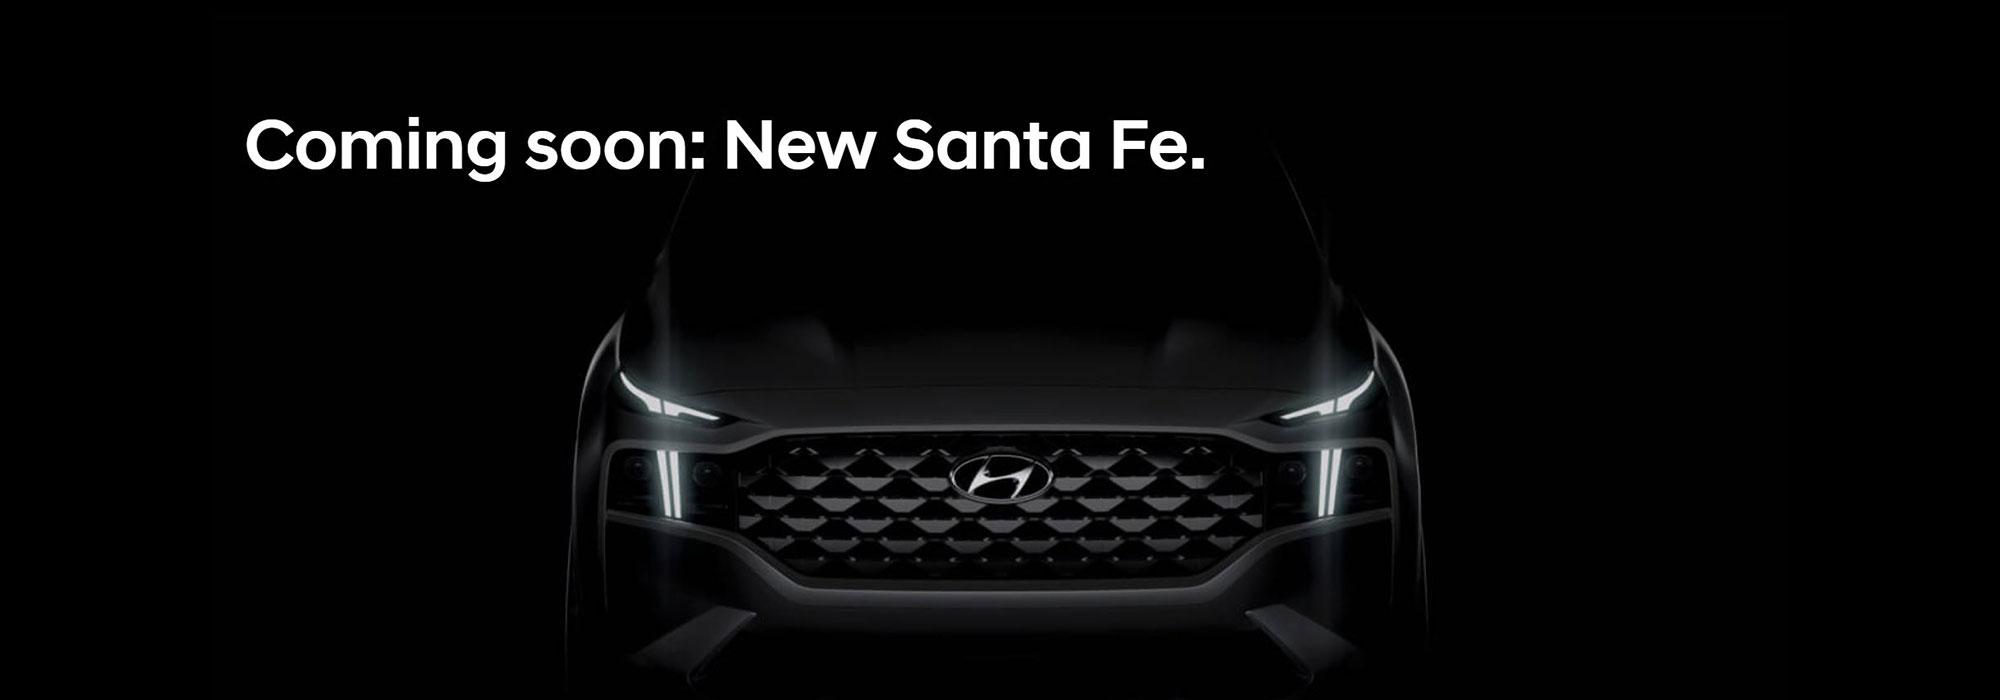 New Santa Fe